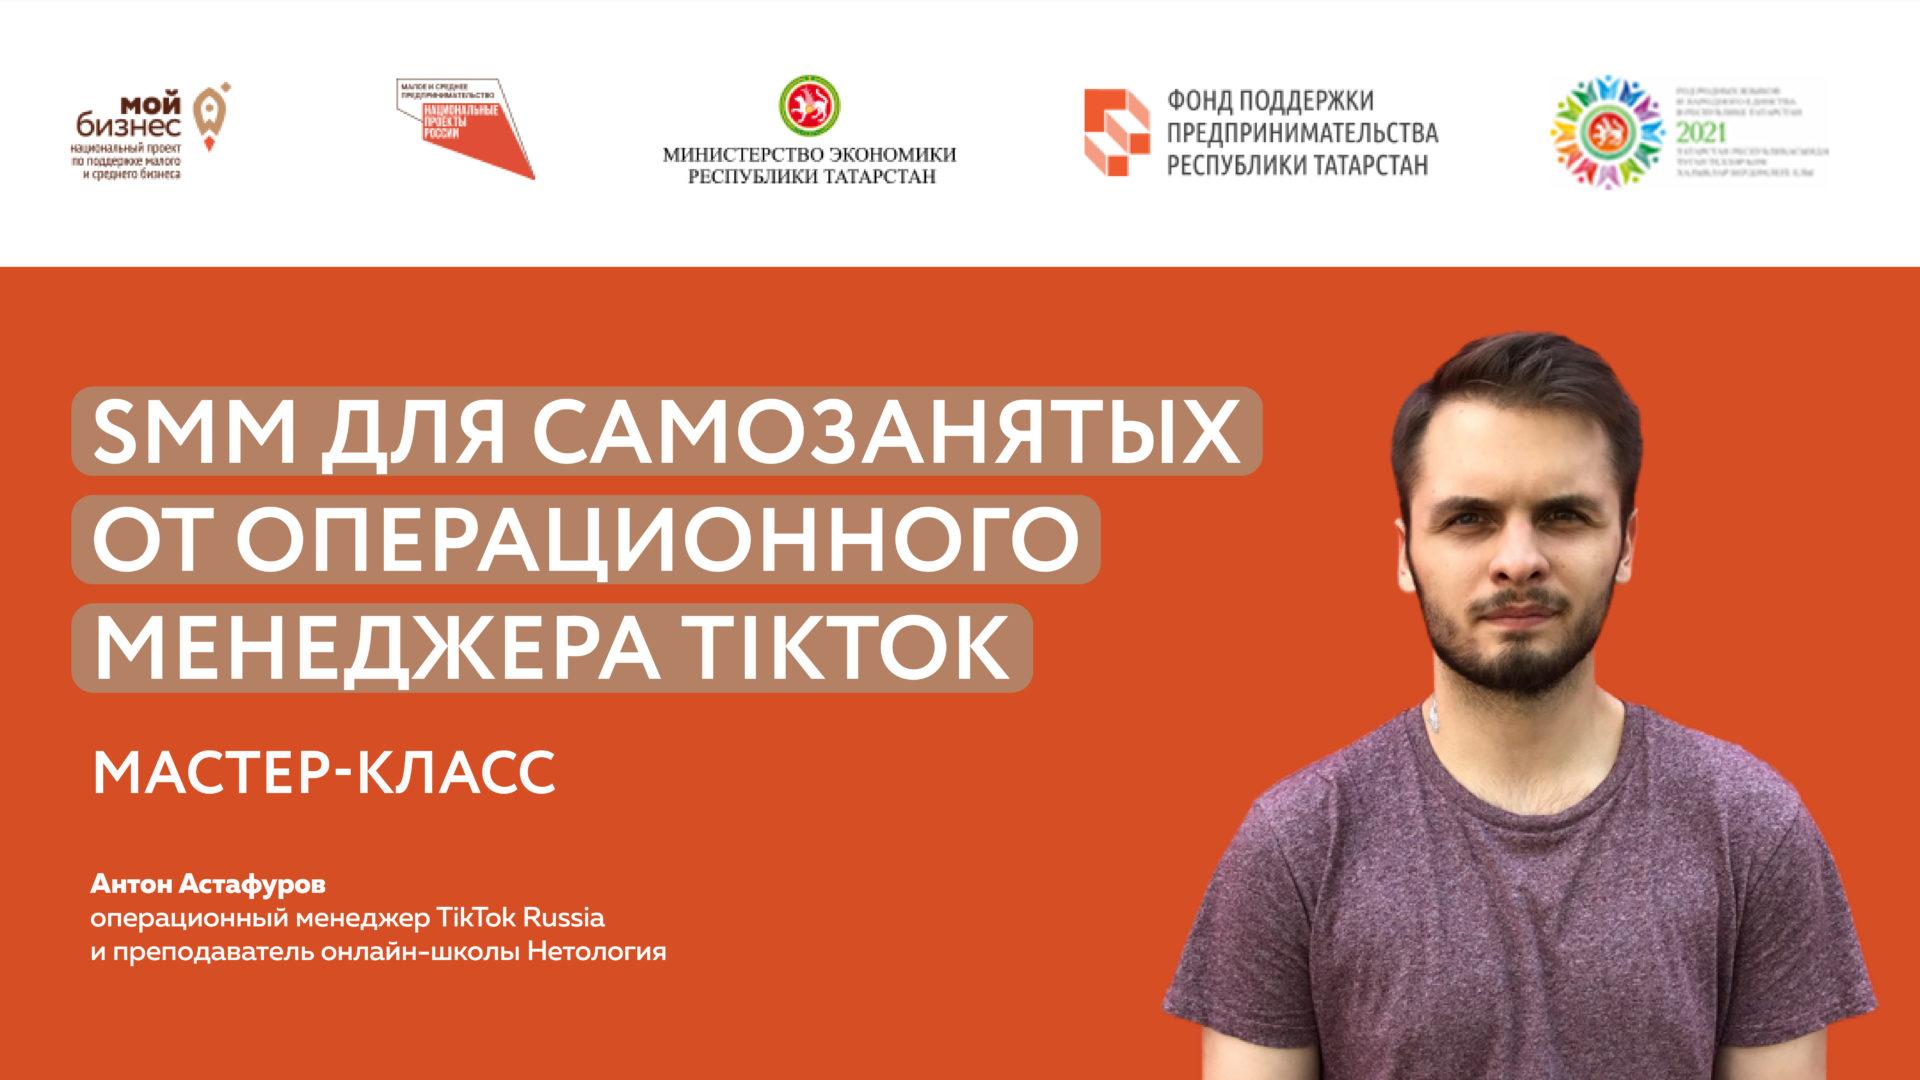 Мастер-класс по SMM от операционного менеджера TikTok Russia для самозанятых